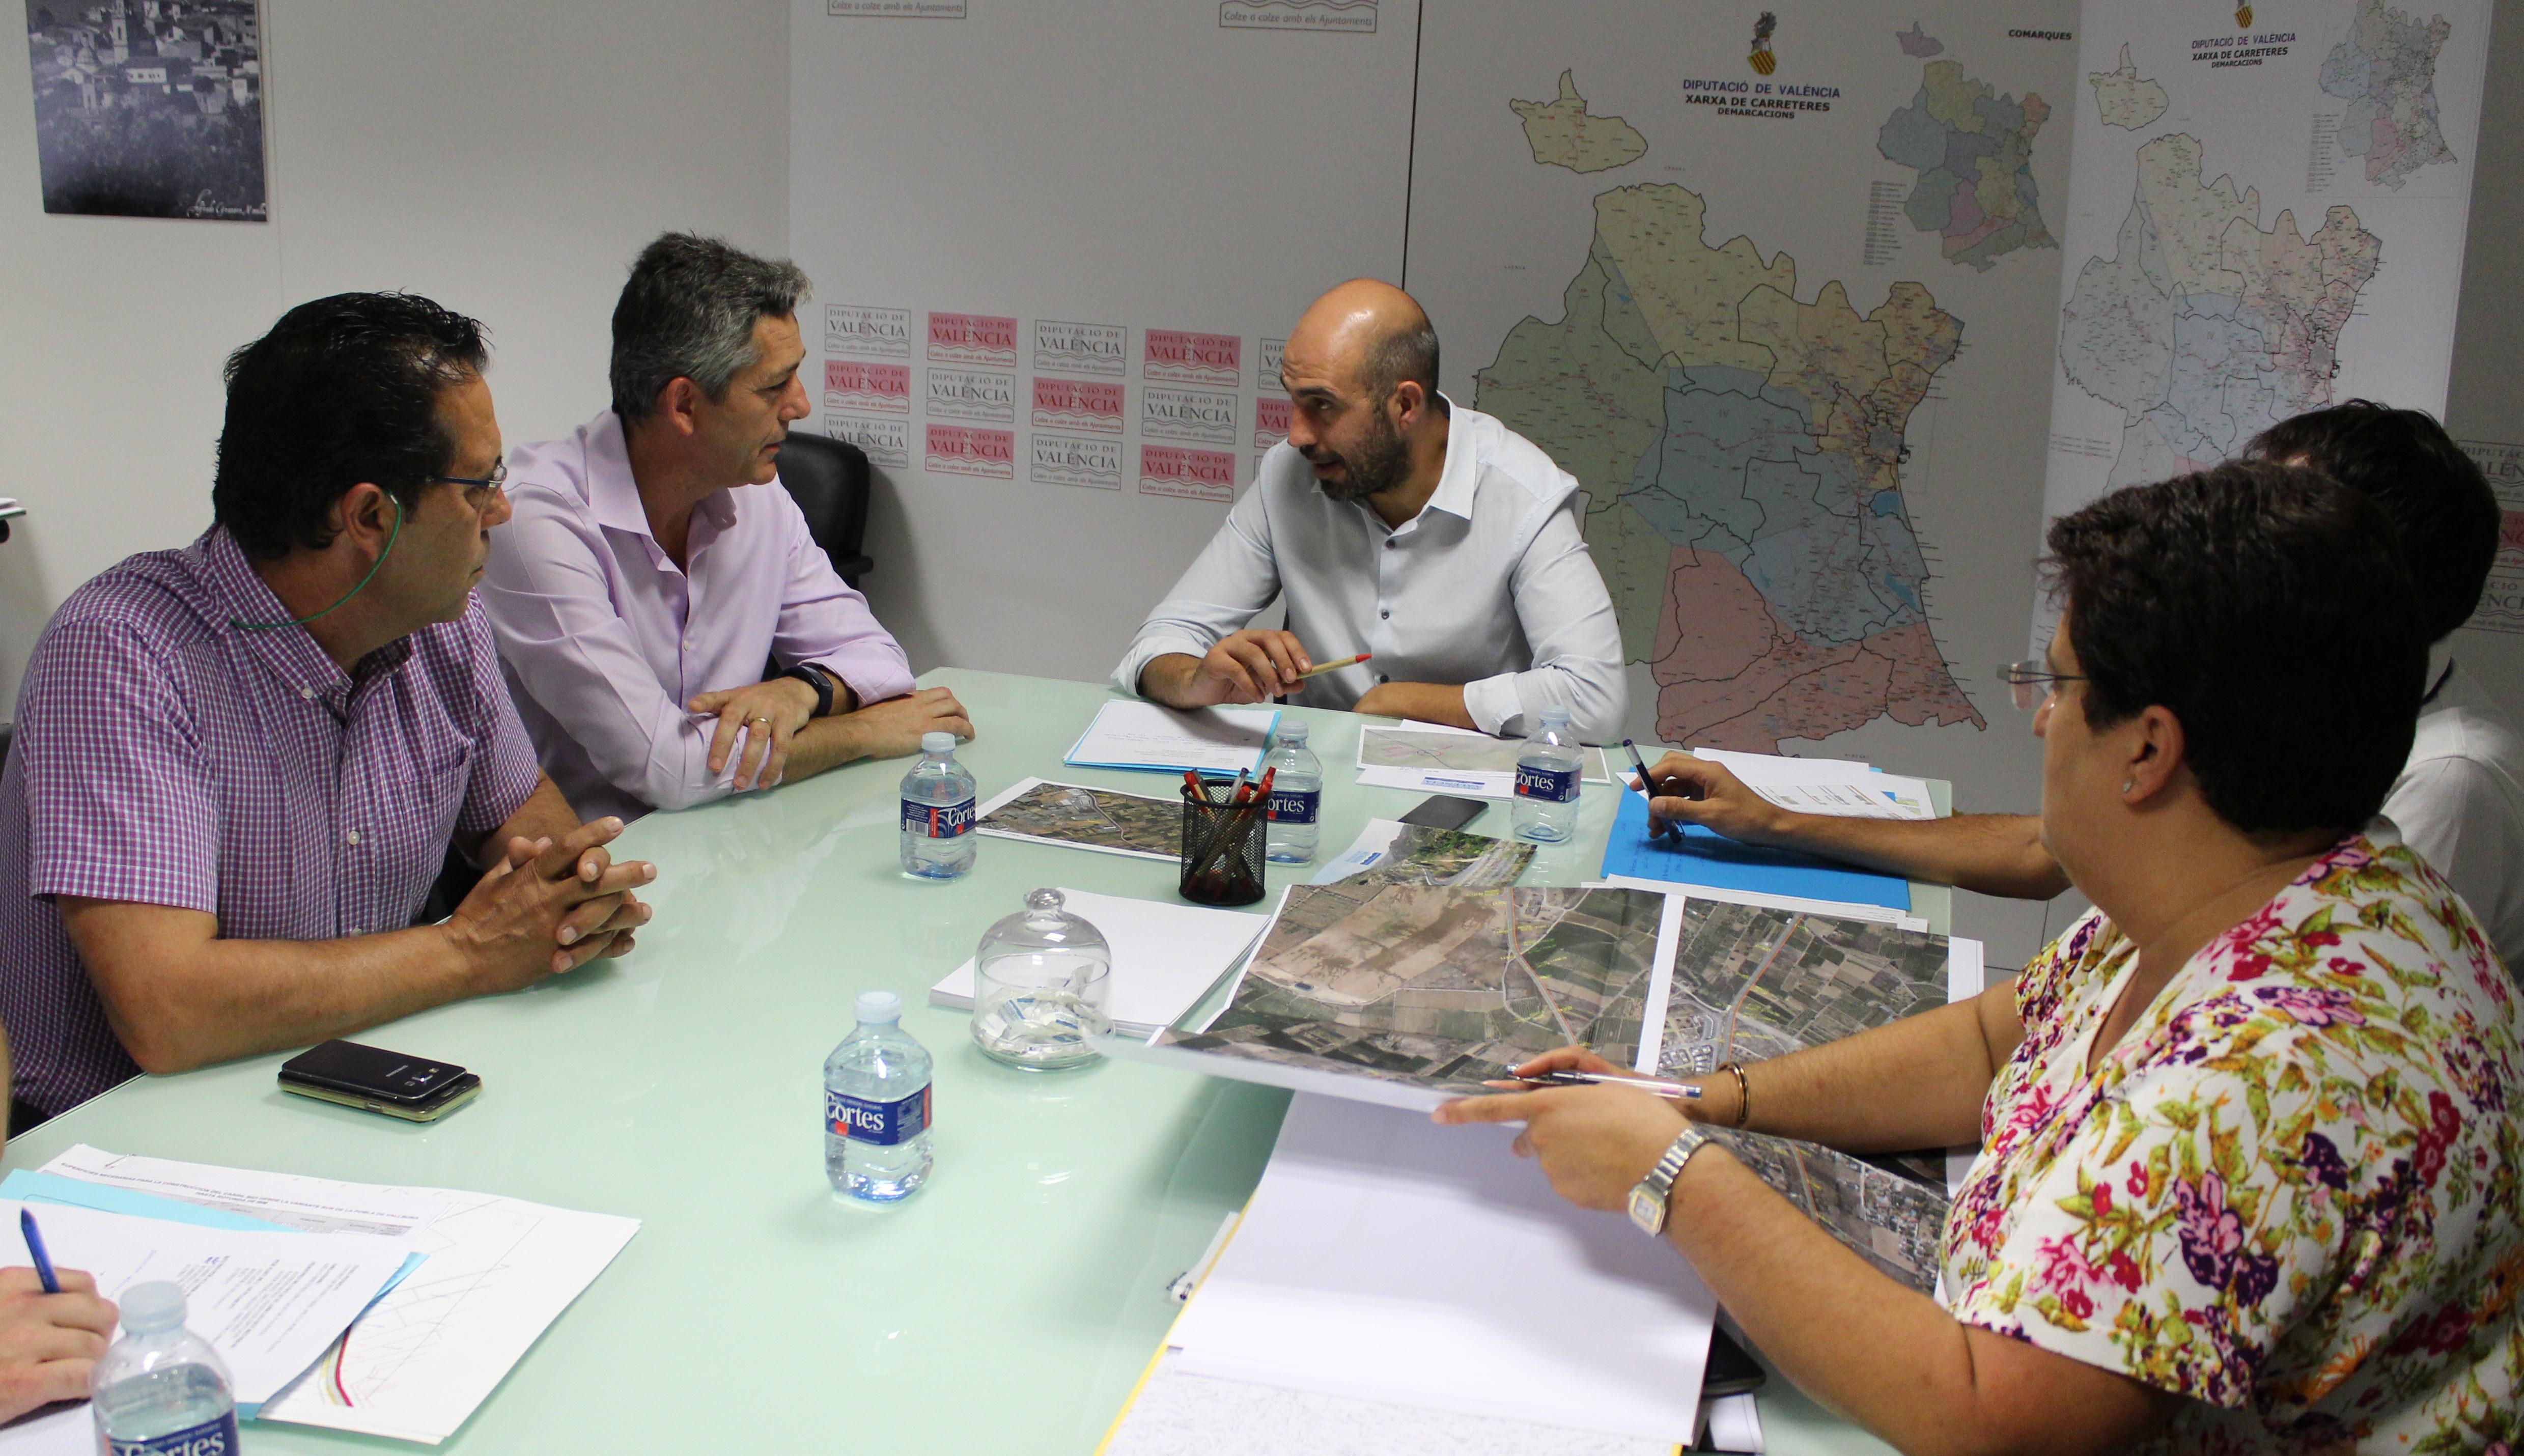 El diputat de carreteres s'ha compromès a incloure esta rotonda dins el projecte de construcció de carril bici del Pla de Mobilitat Ciclista i de Vianants que unirà la Pobla amb la zona residencial de Cap de l'Horta.